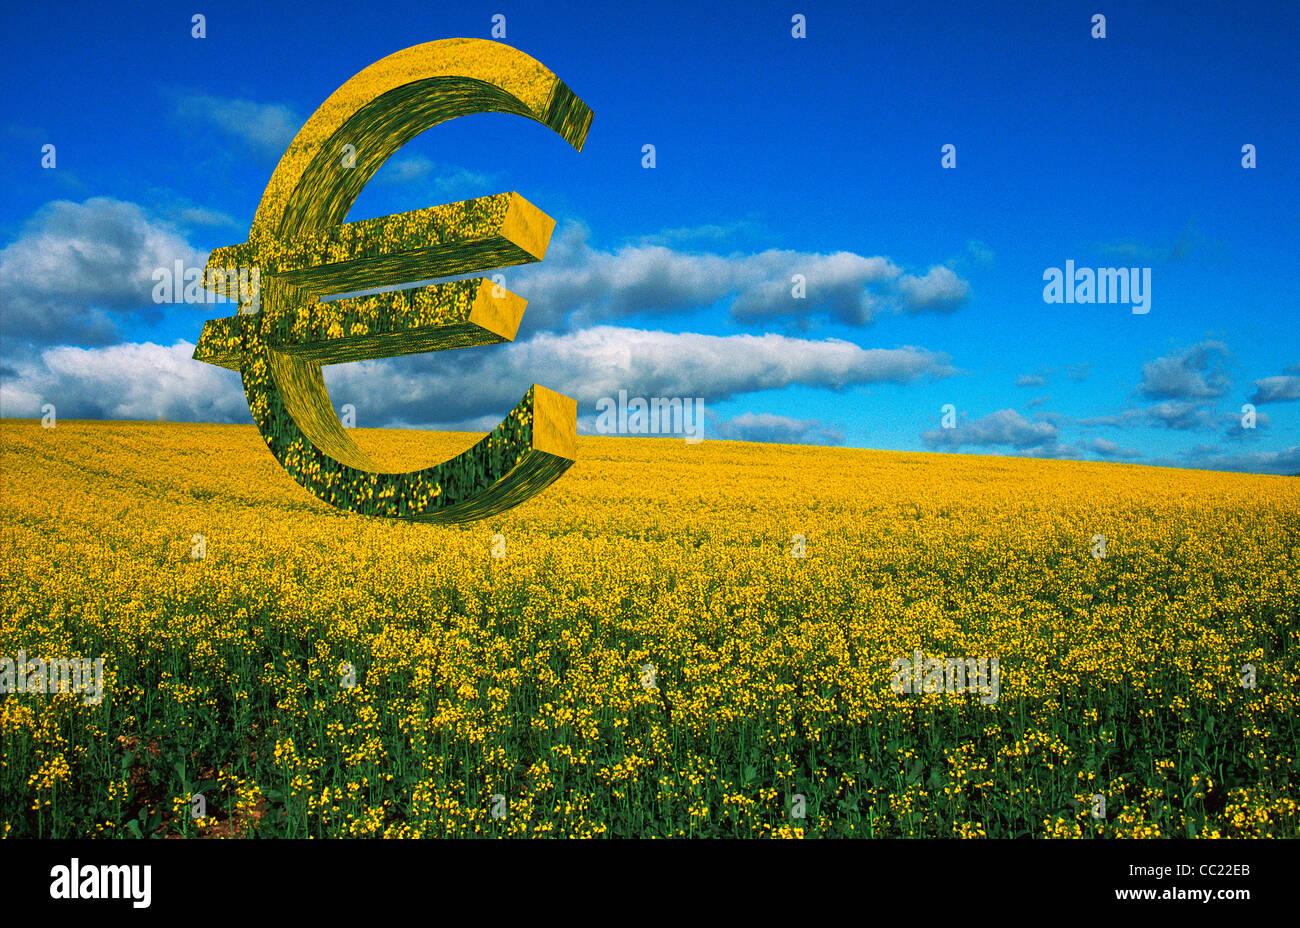 Simbolo dell'euro in un campo di semi di colza Semi di ravizzone - agricoltura UE / la politica del governo Immagini Stock